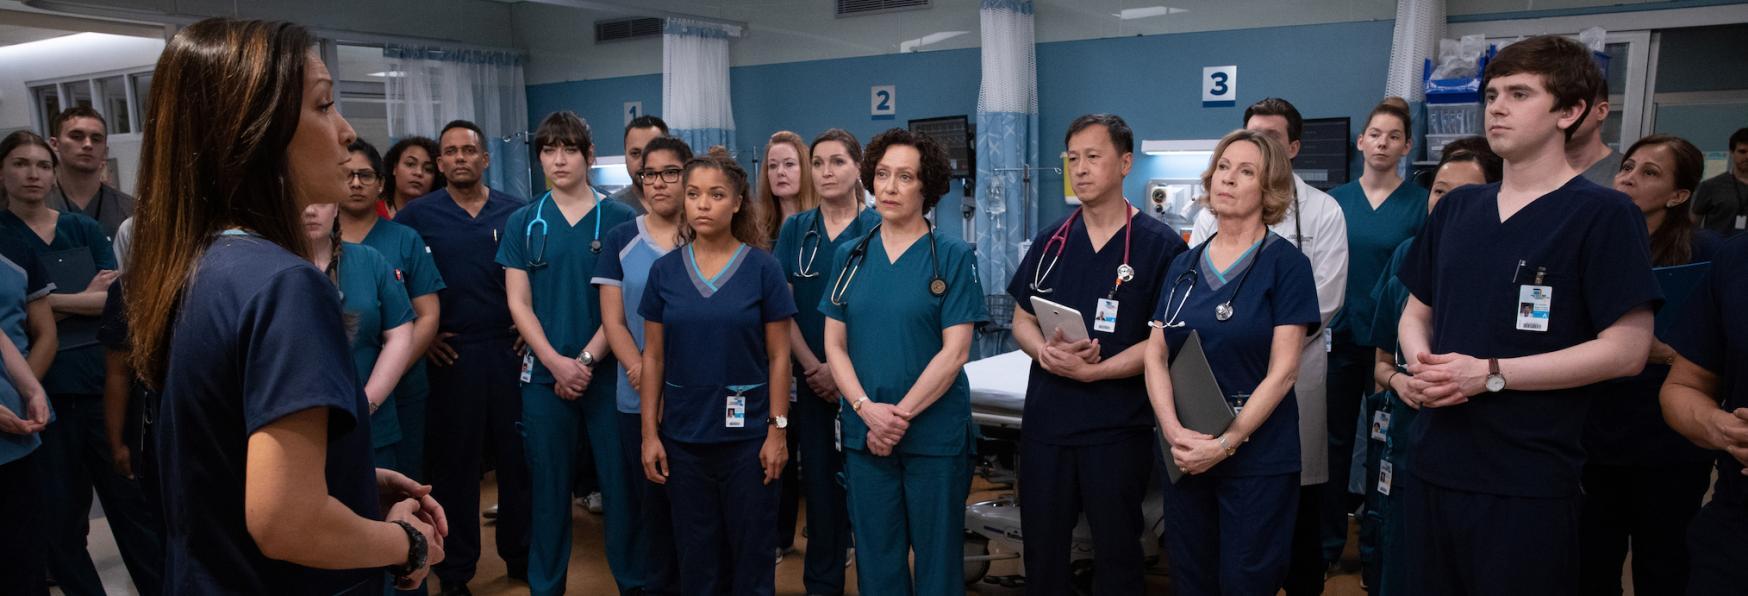 The Good Doctor 4: Noah Galvin e molti altri faranno parte del Cast della nuova Stagione